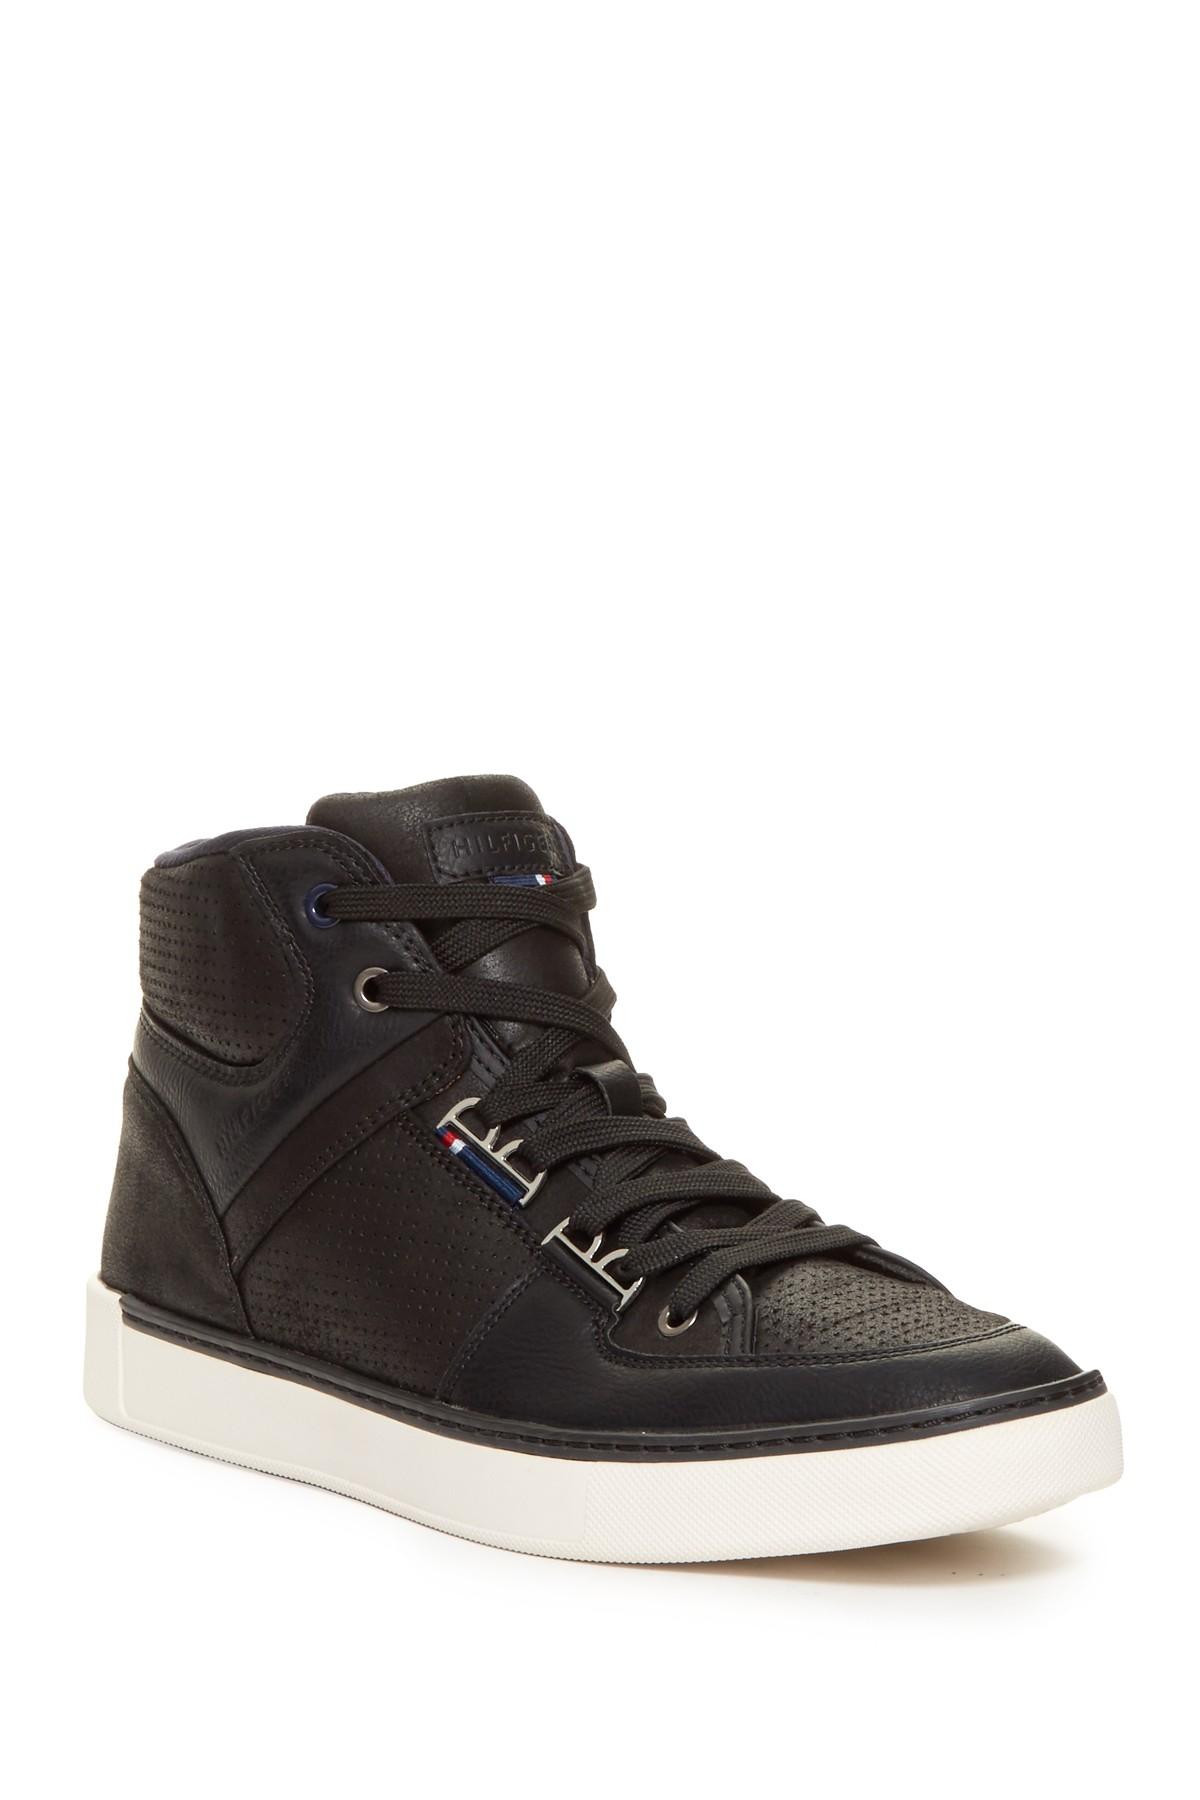 tommy hilfiger keon high top sneaker in black for men blmfb save. Black Bedroom Furniture Sets. Home Design Ideas